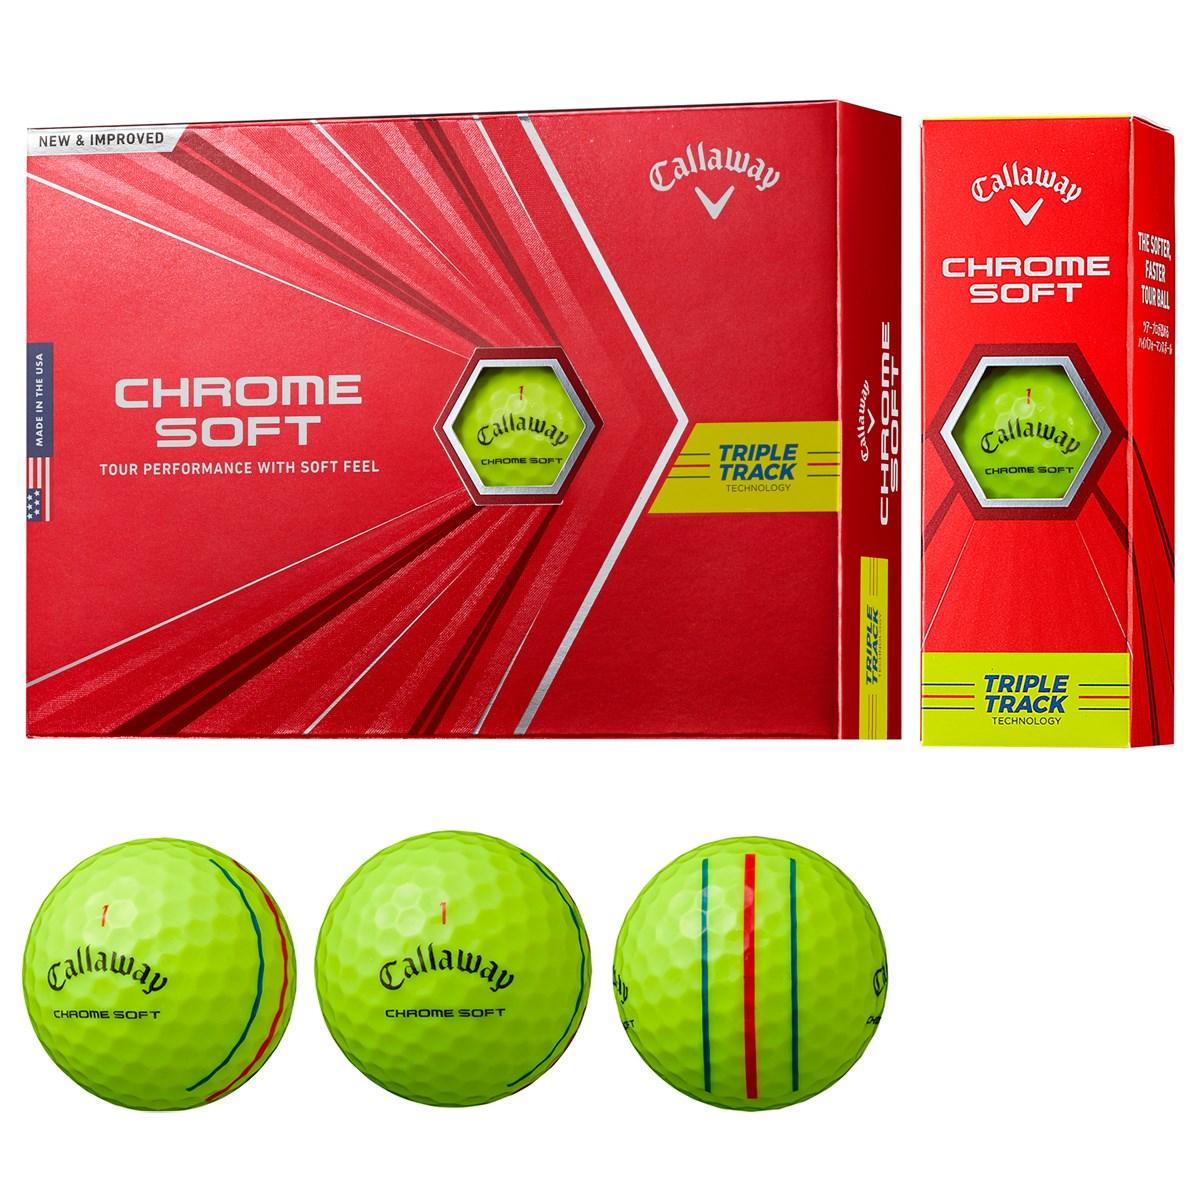 キャロウェイゴルフ CHROM SOFT CHROME SOFT ボール 3ダースセット 3ダース(36個入り) イエロー(トリプルトラック)